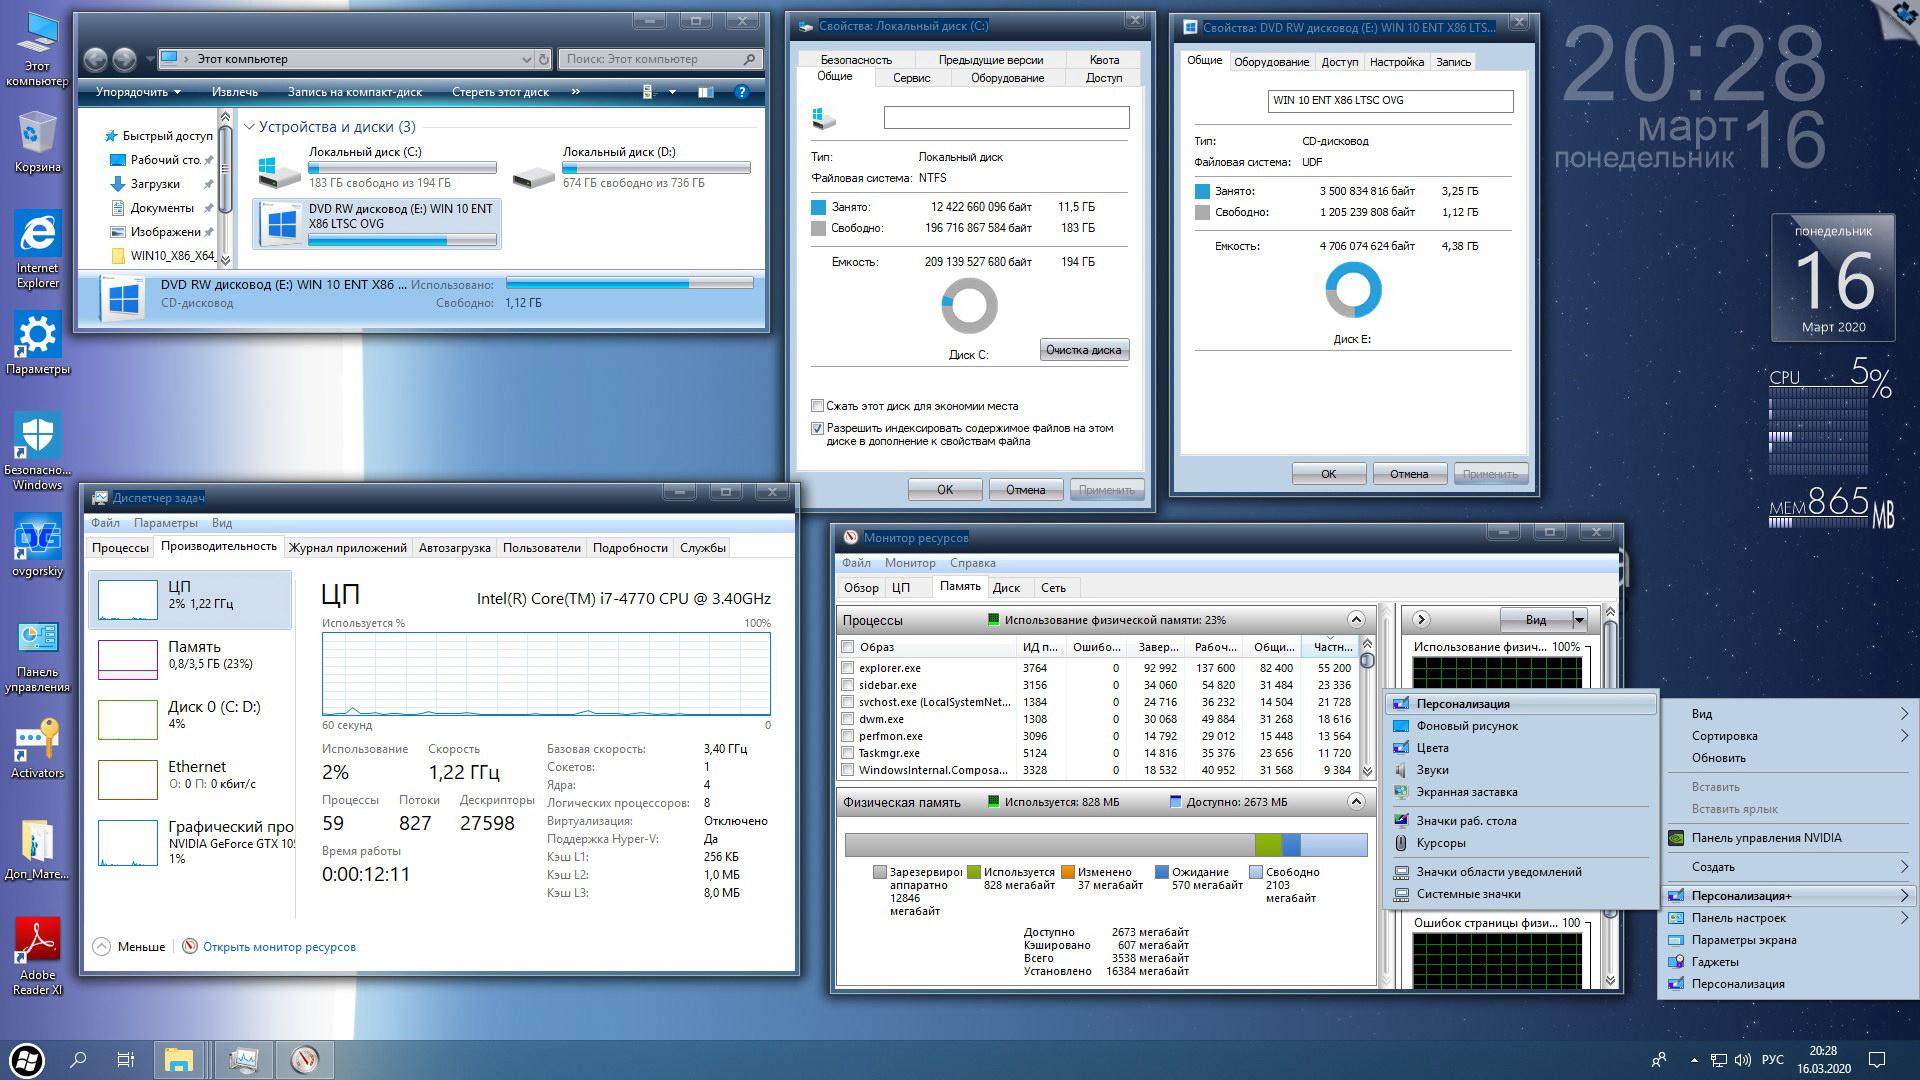 Microsoft® Windows® 10 Enterprise LTSC 2019 x86-x64 1809 RU by OVGorskiy 03.2020 2DVD (2020) Русский